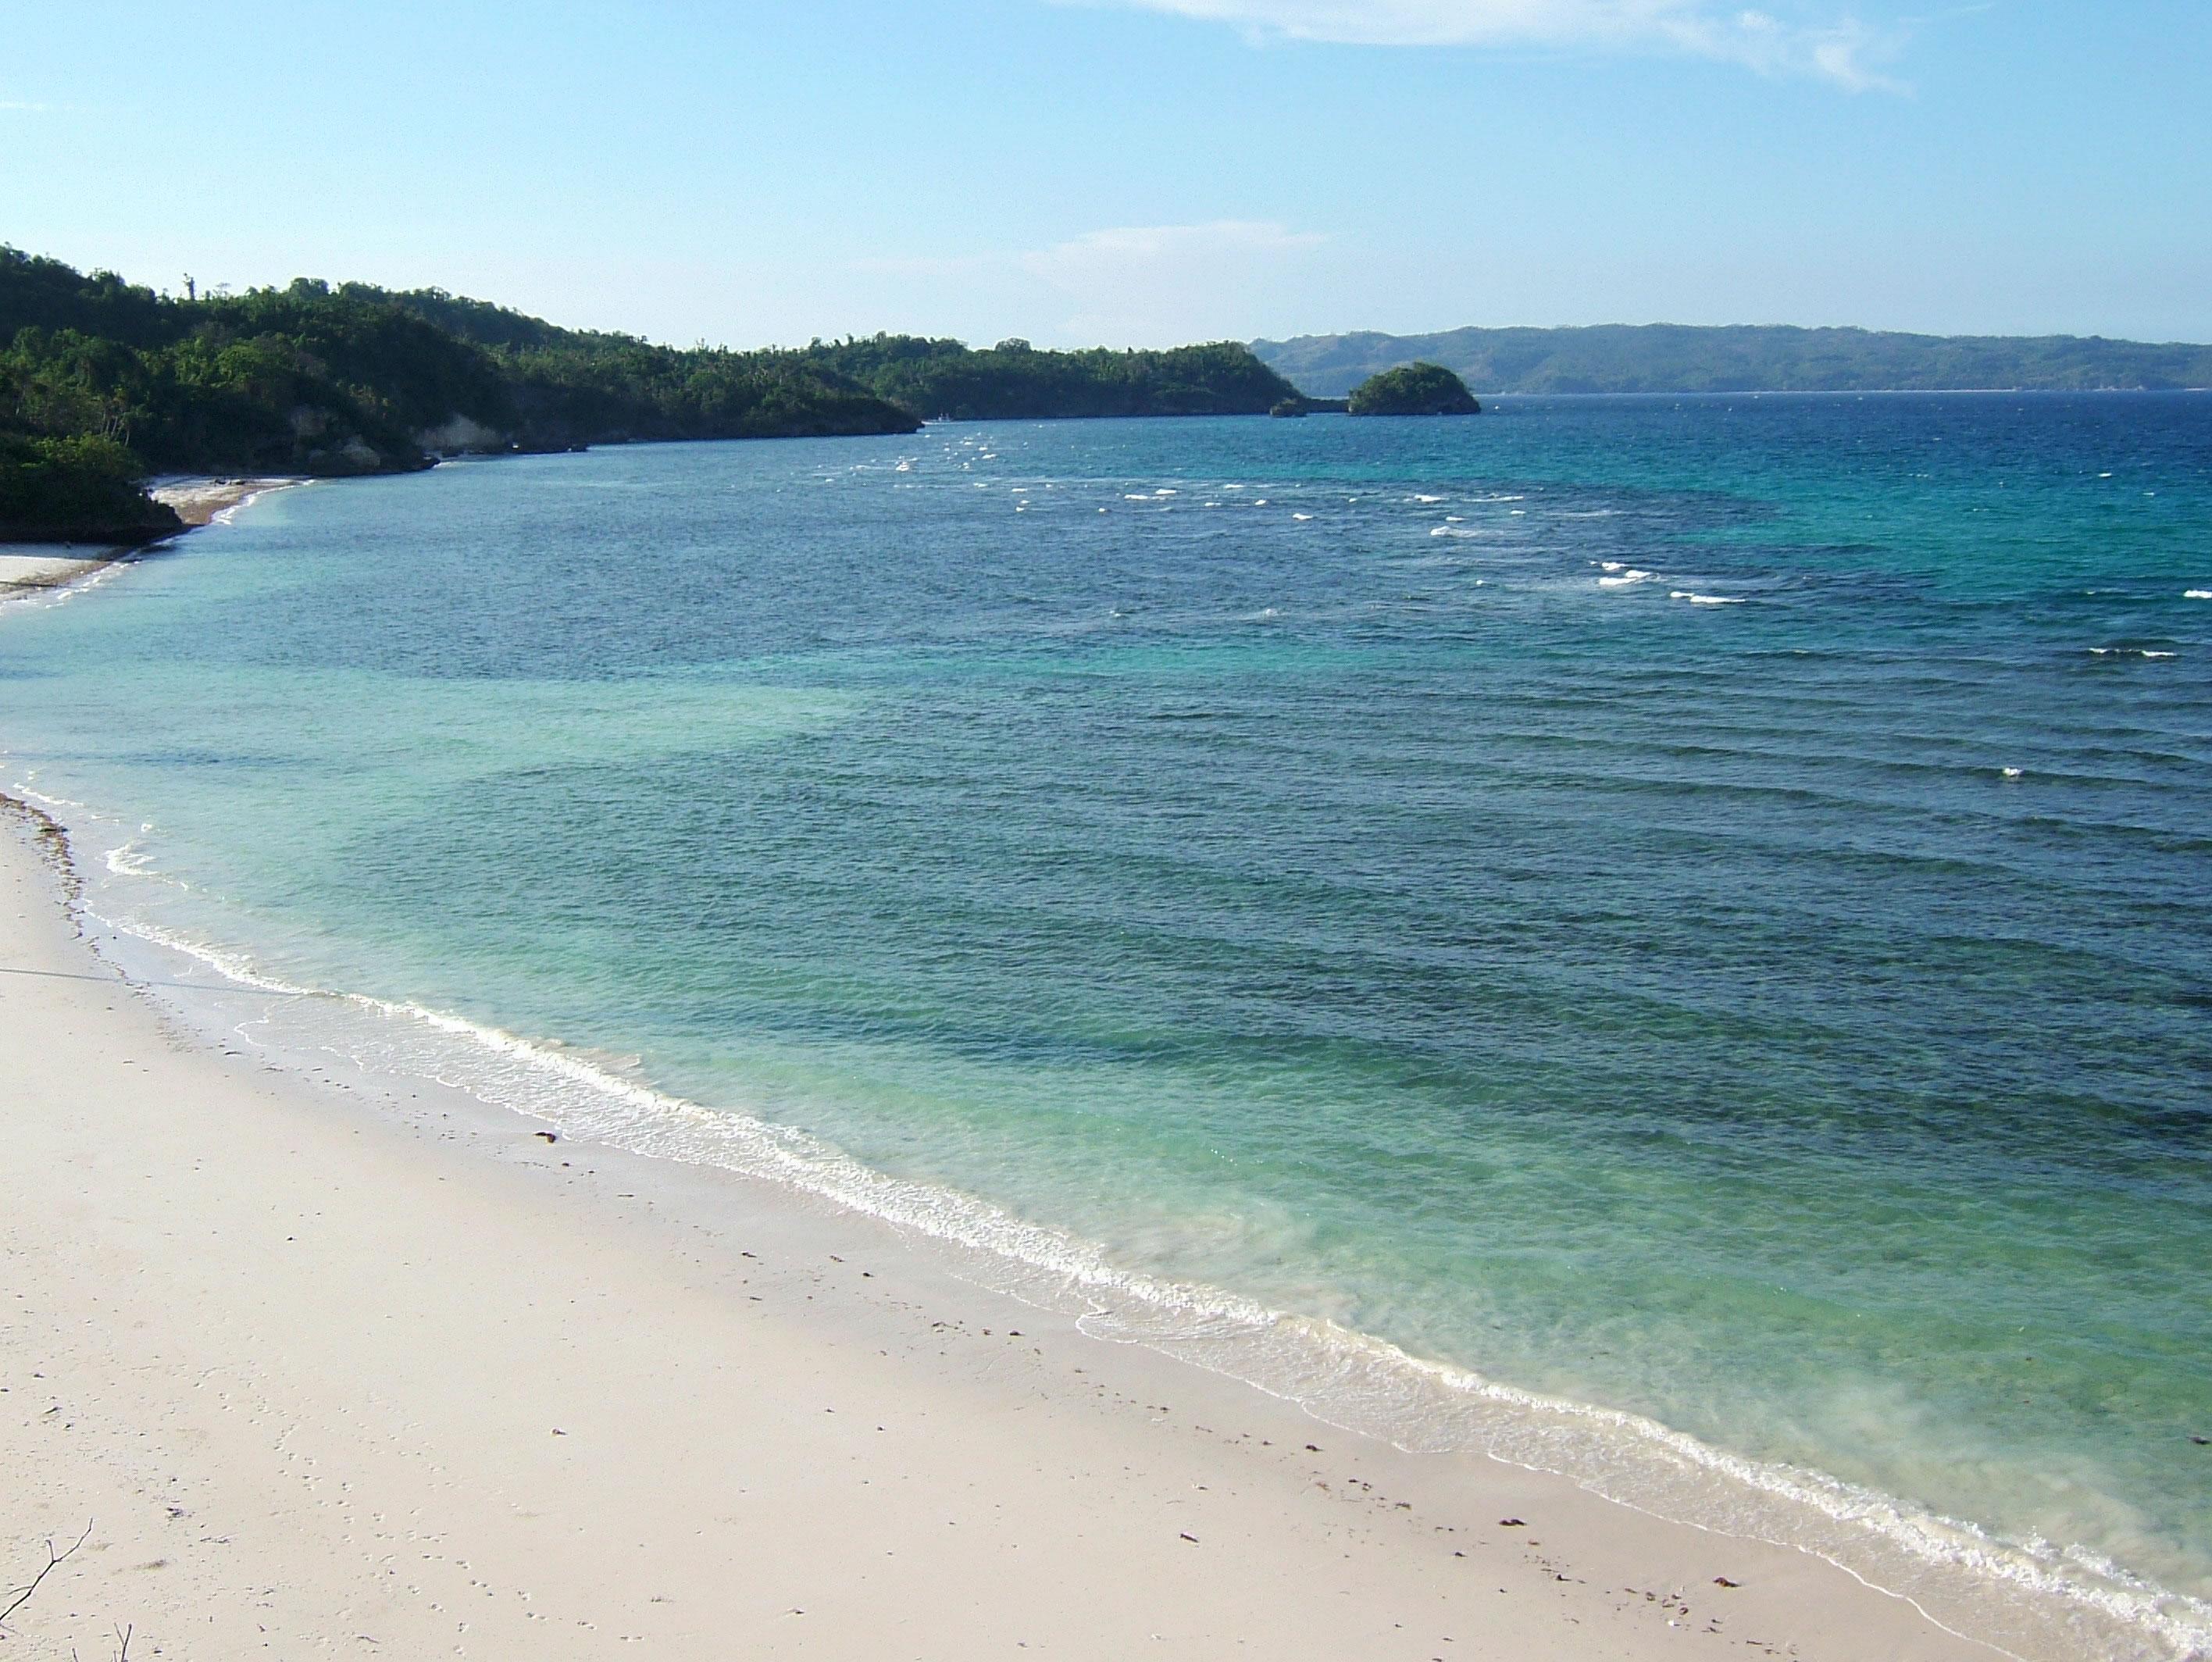 Philippines Sugar Islands Caticlan Boracay Resorts Fairways Ilig iligan beach May 2007 06